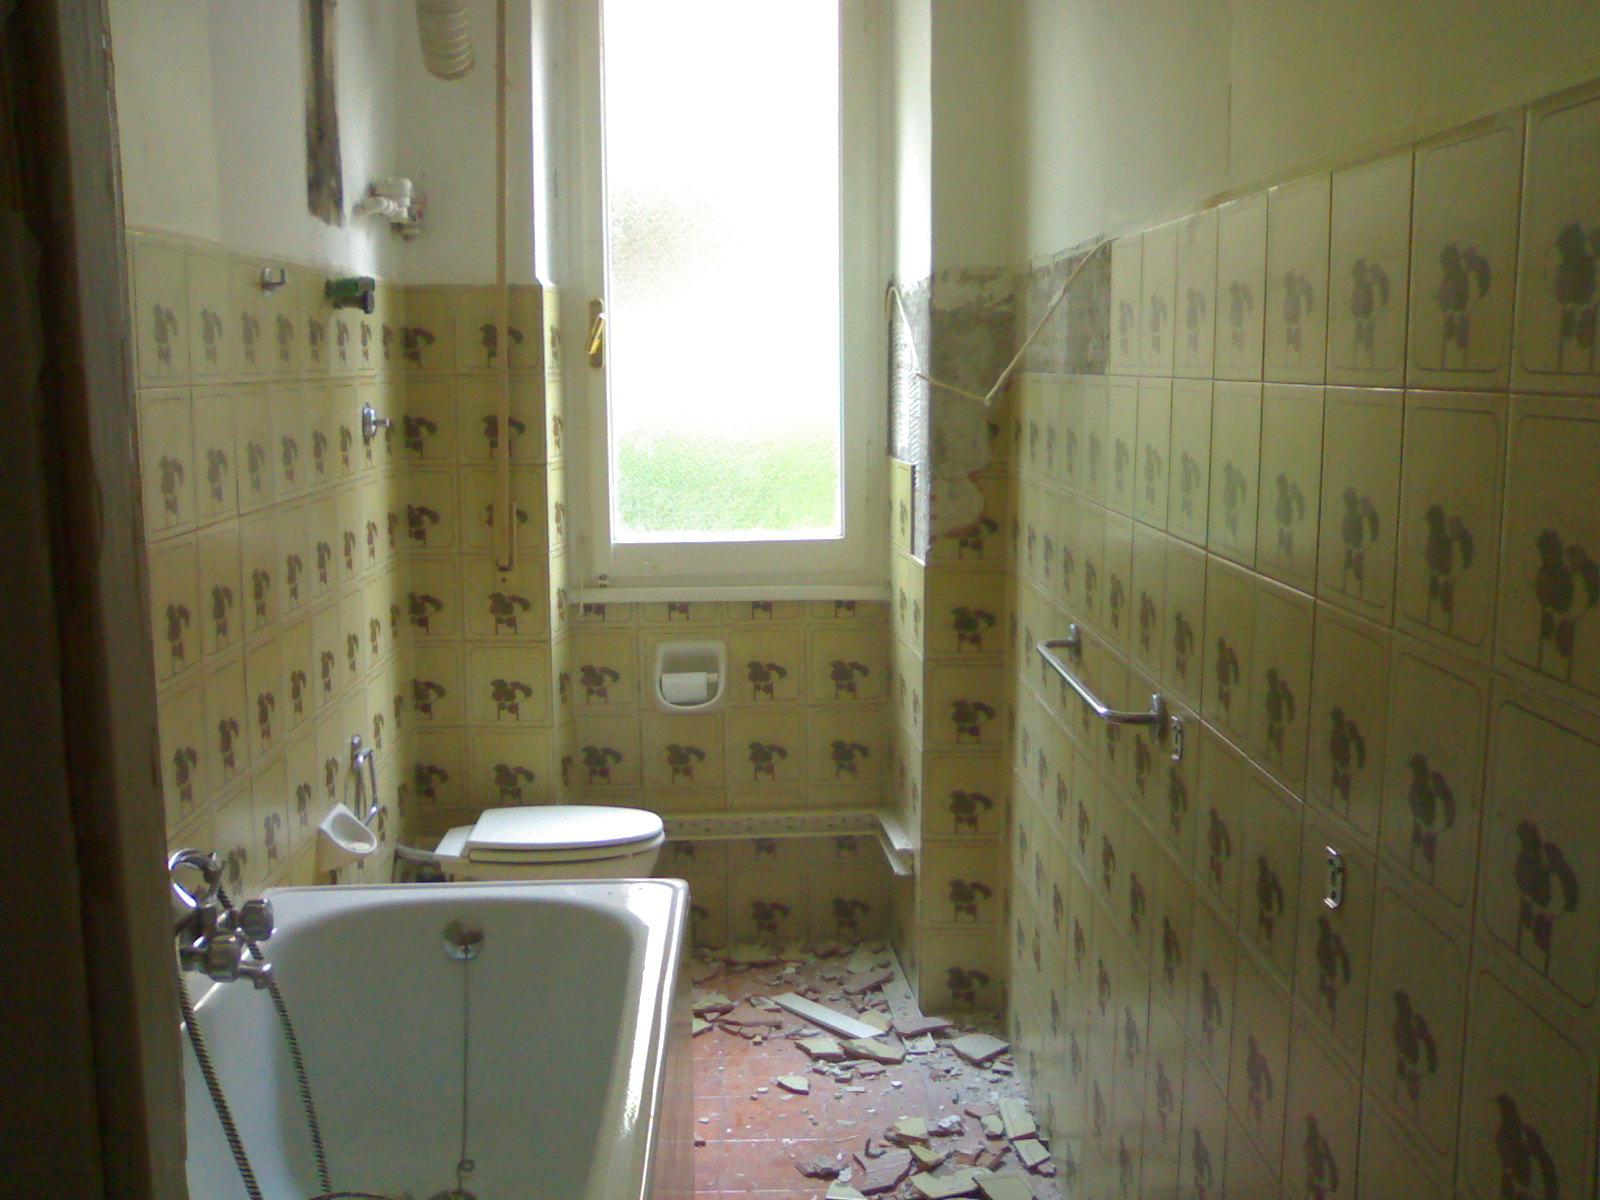 Demolizione e ricostruzione bagno - Rifacimento bagno manutenzione ordinaria o straordinaria ...